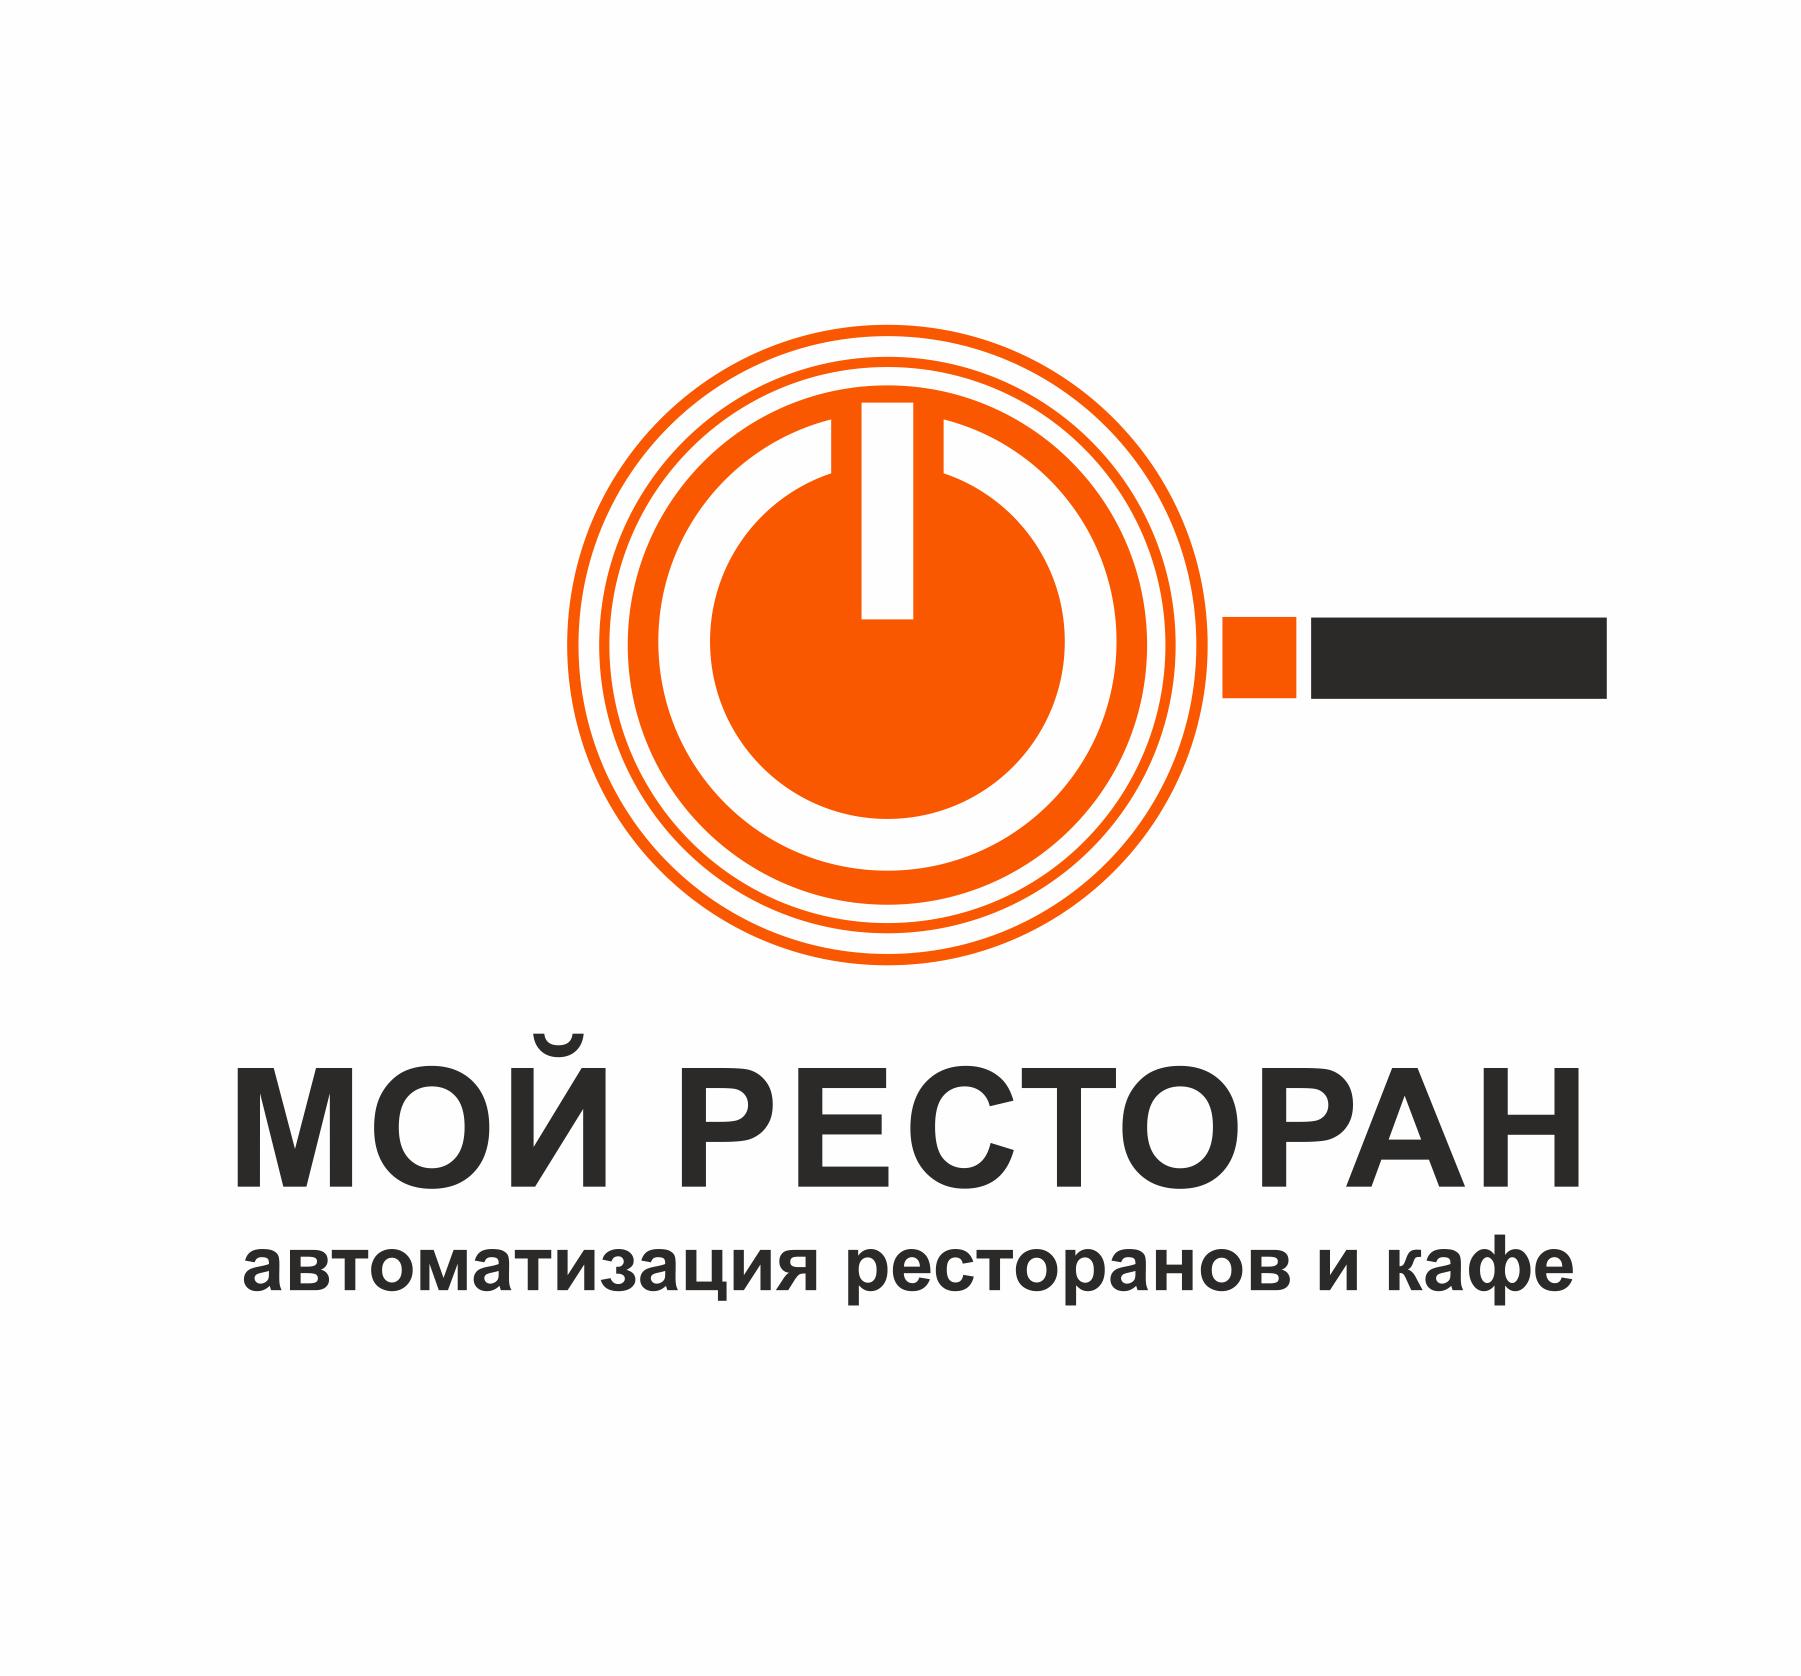 Разработать логотип и фавикон для IT- компании фото f_4905d53b0d6660a6.png